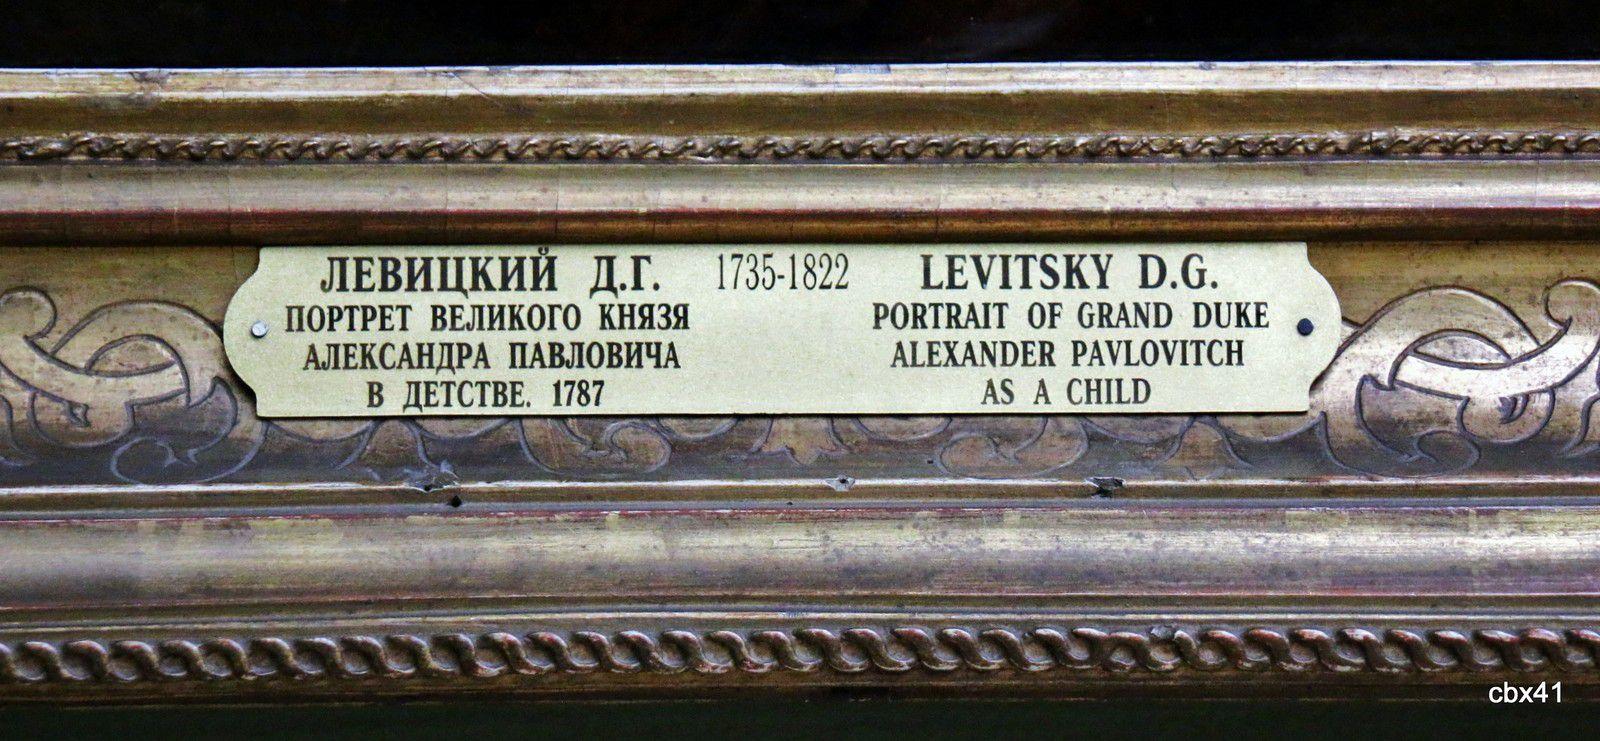 Dmitri Levitski, Portrait du Grand Duc Alexander Pavlovitch enfant